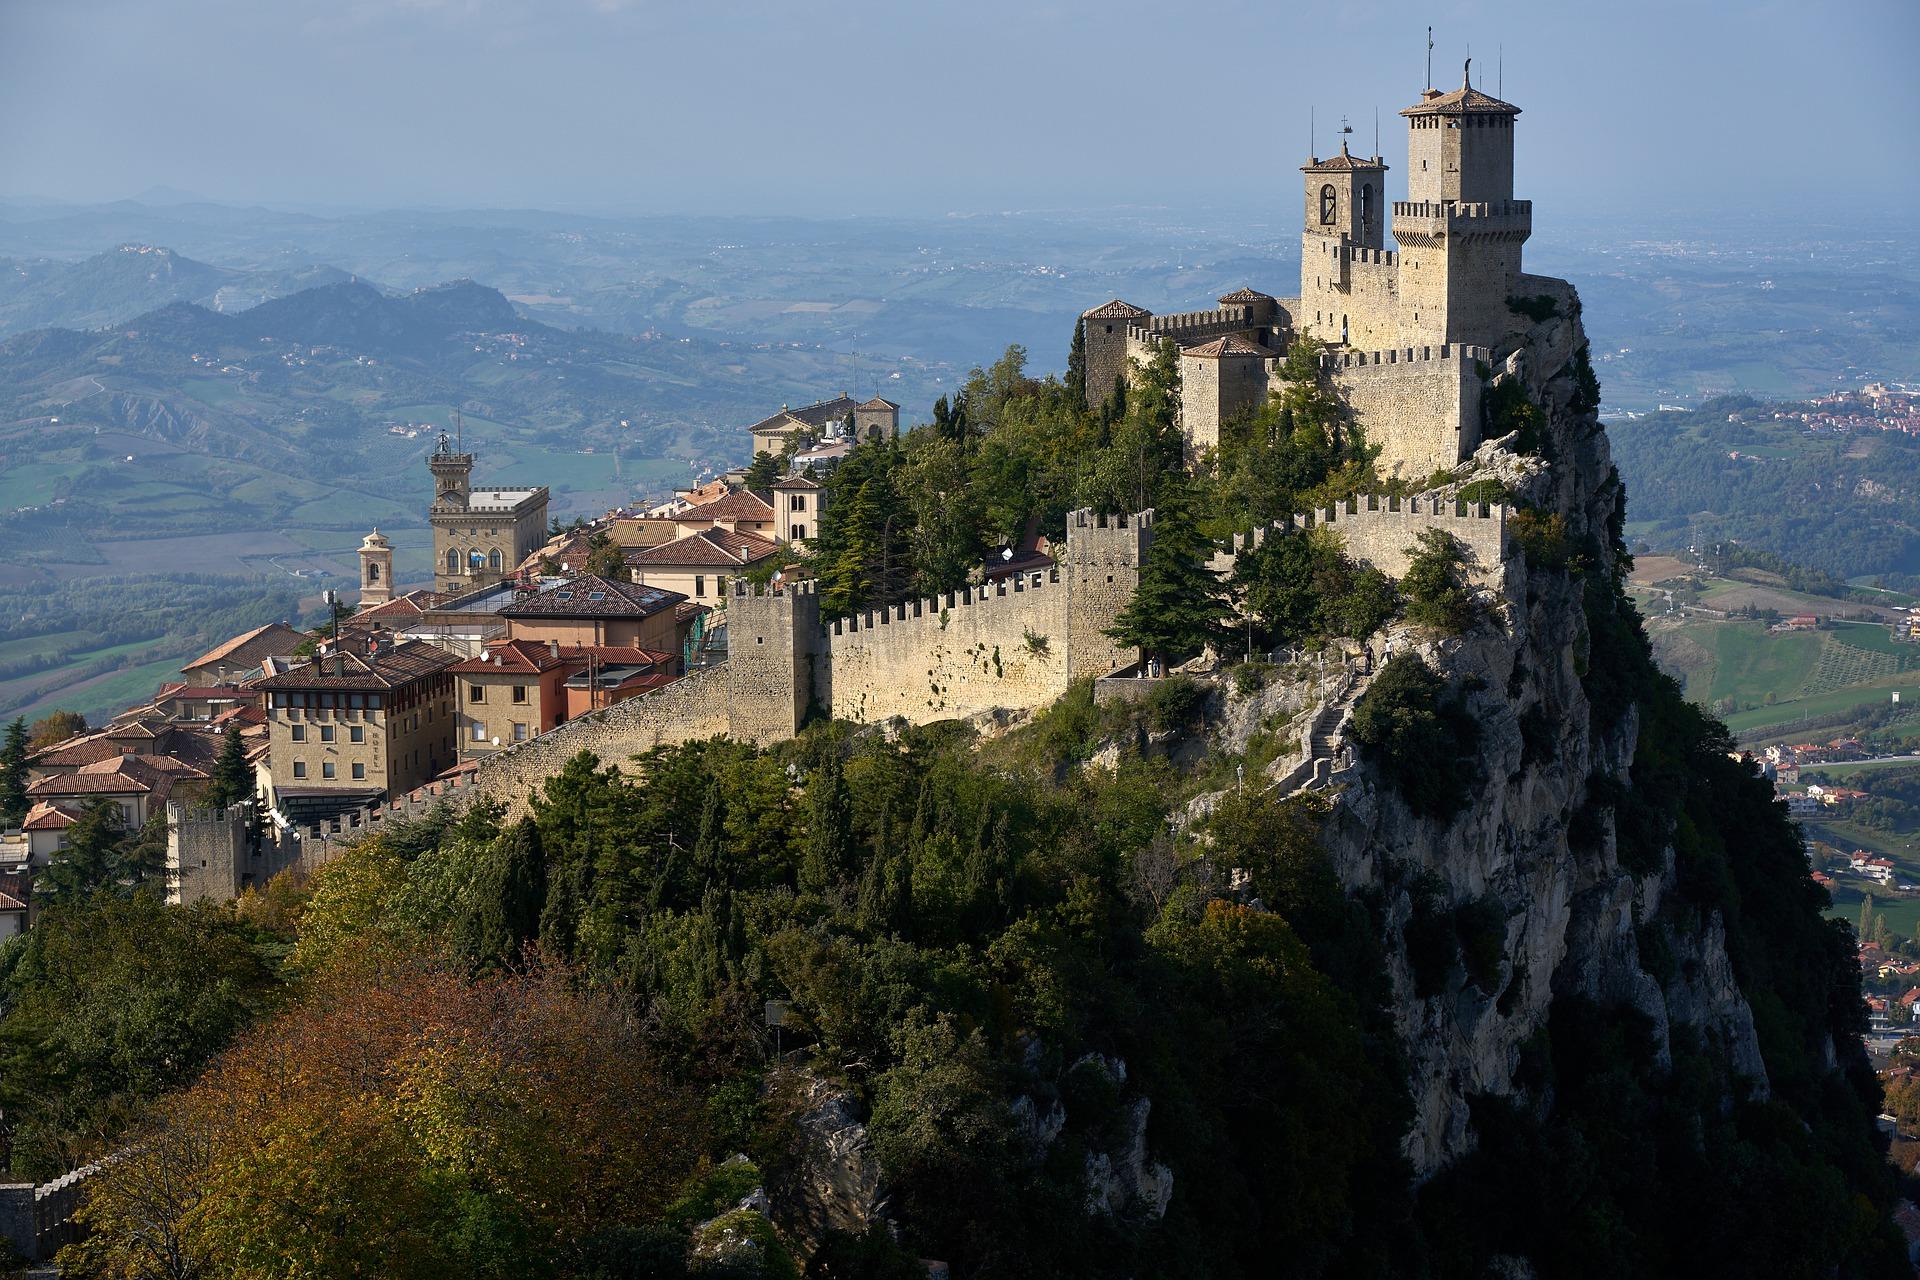 Private detectives and investigators in San Marino